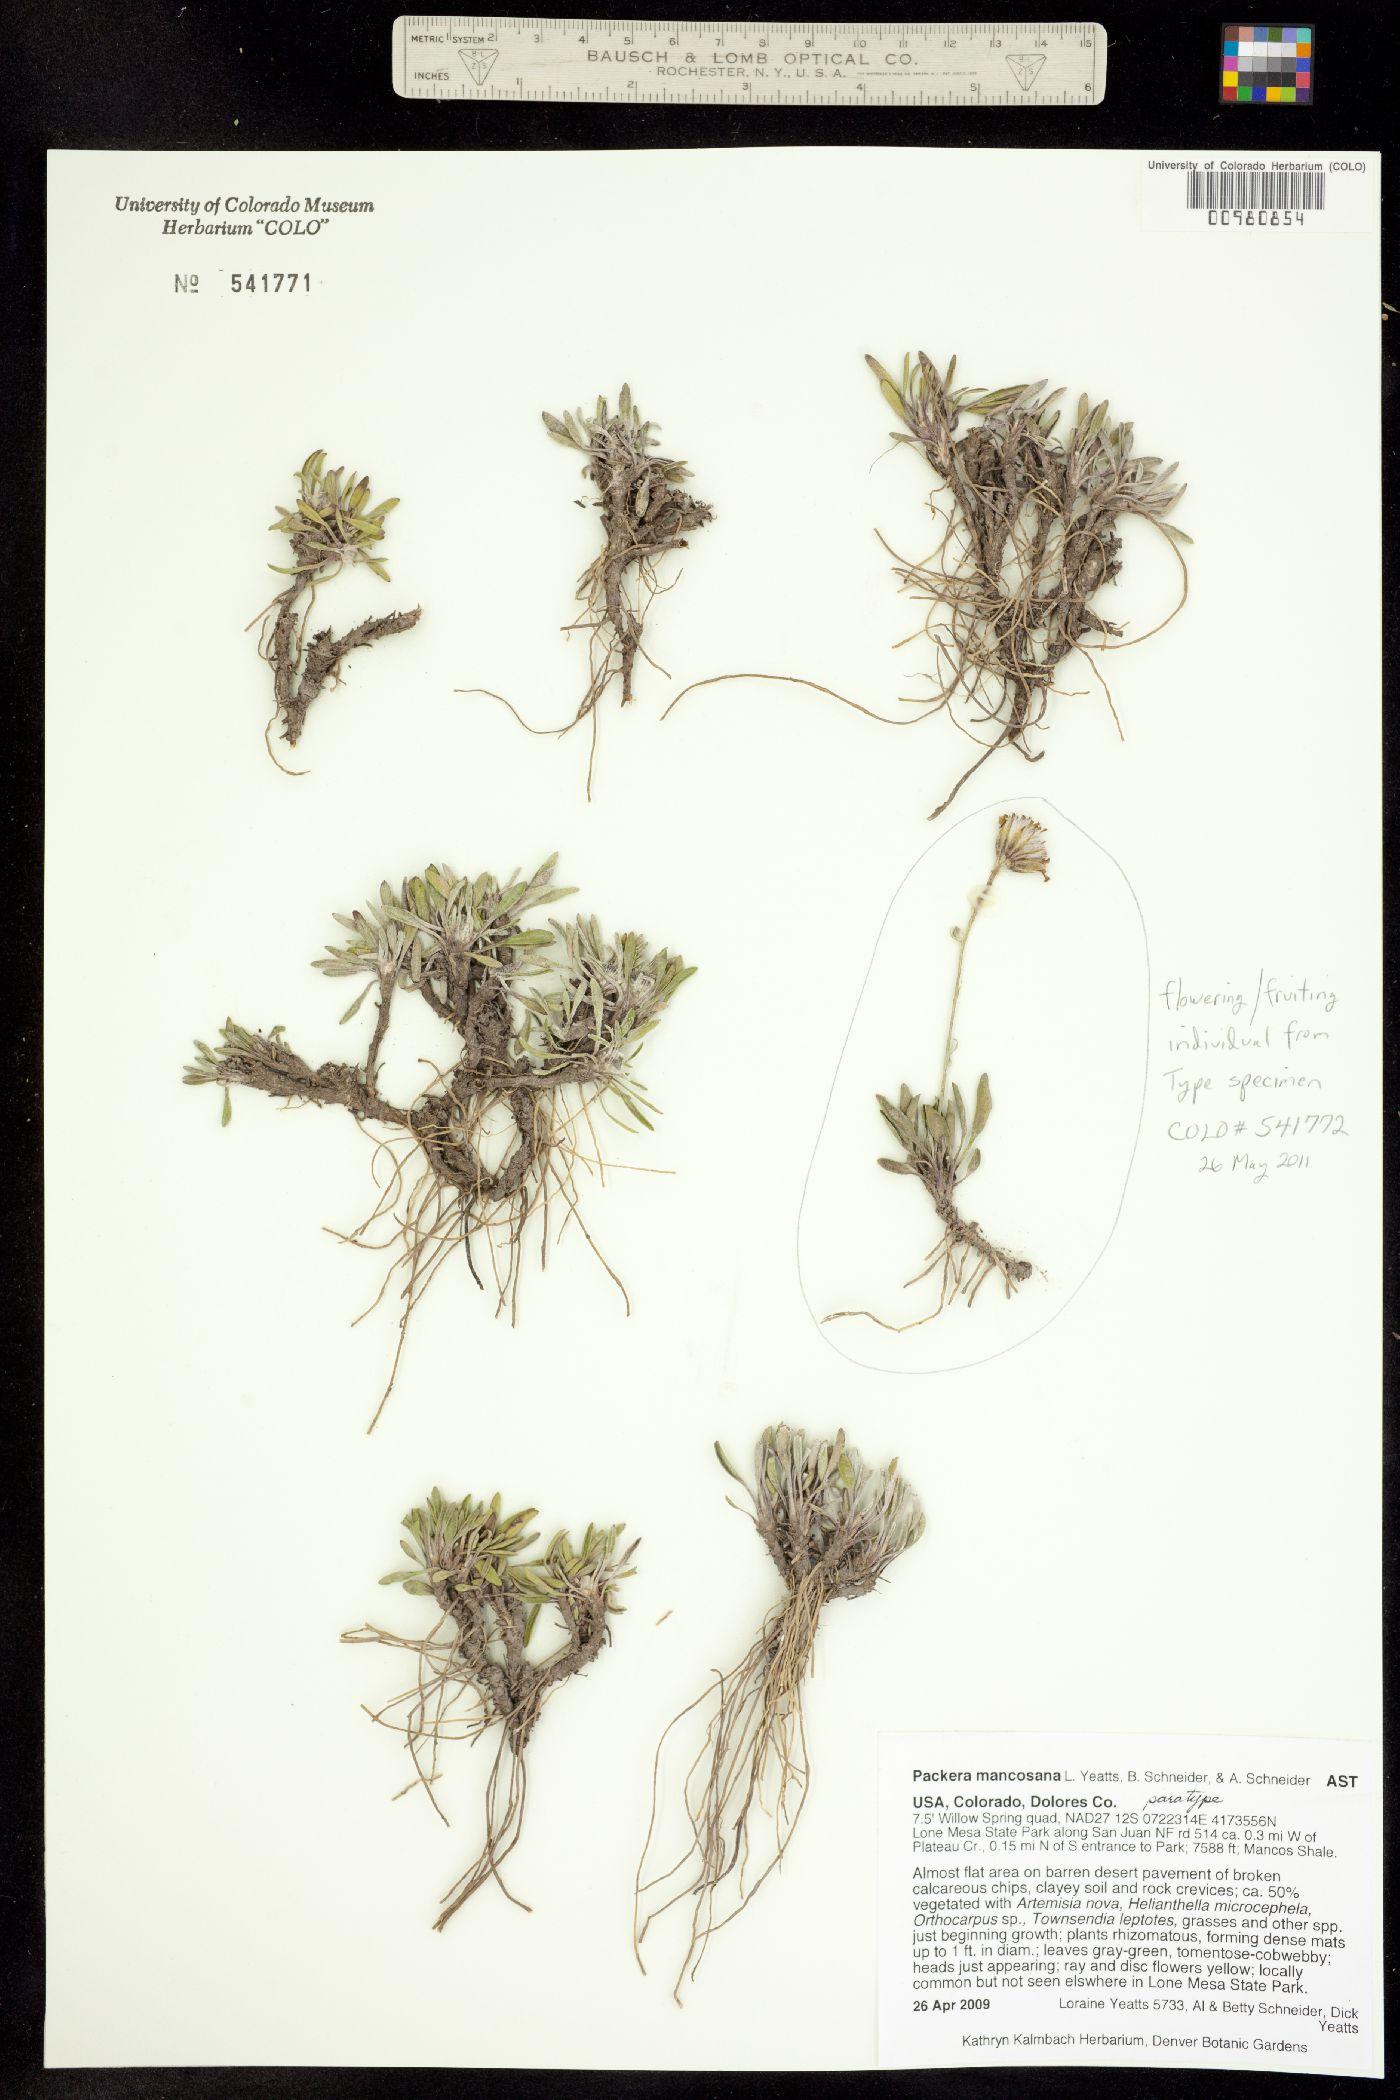 Packera mancosana image